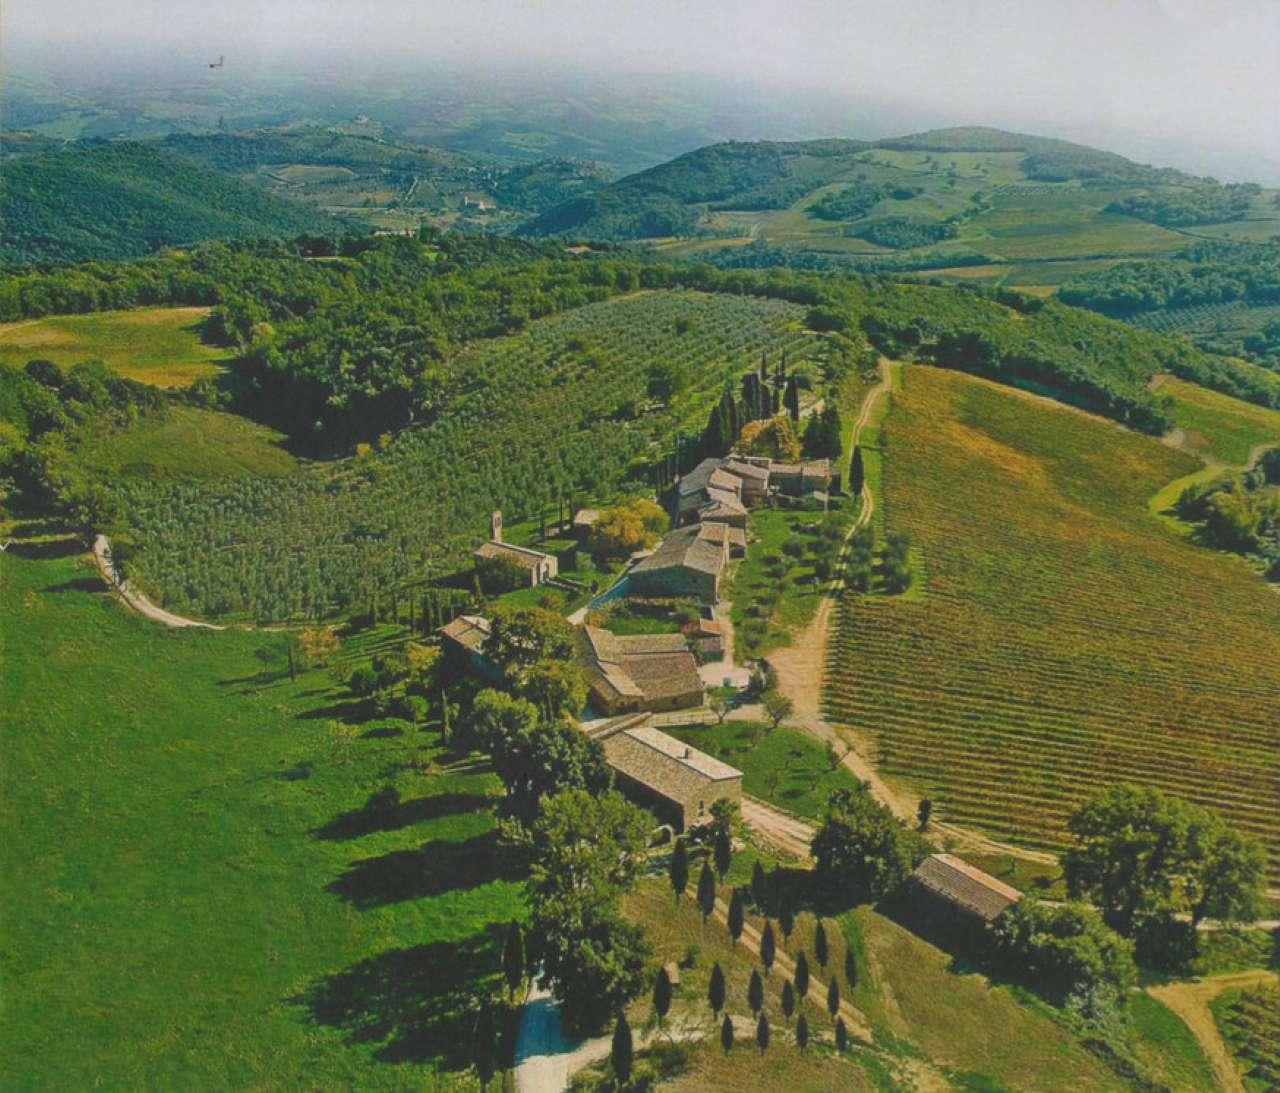 Splendido Borgo Medievale in Montalcino – Siena